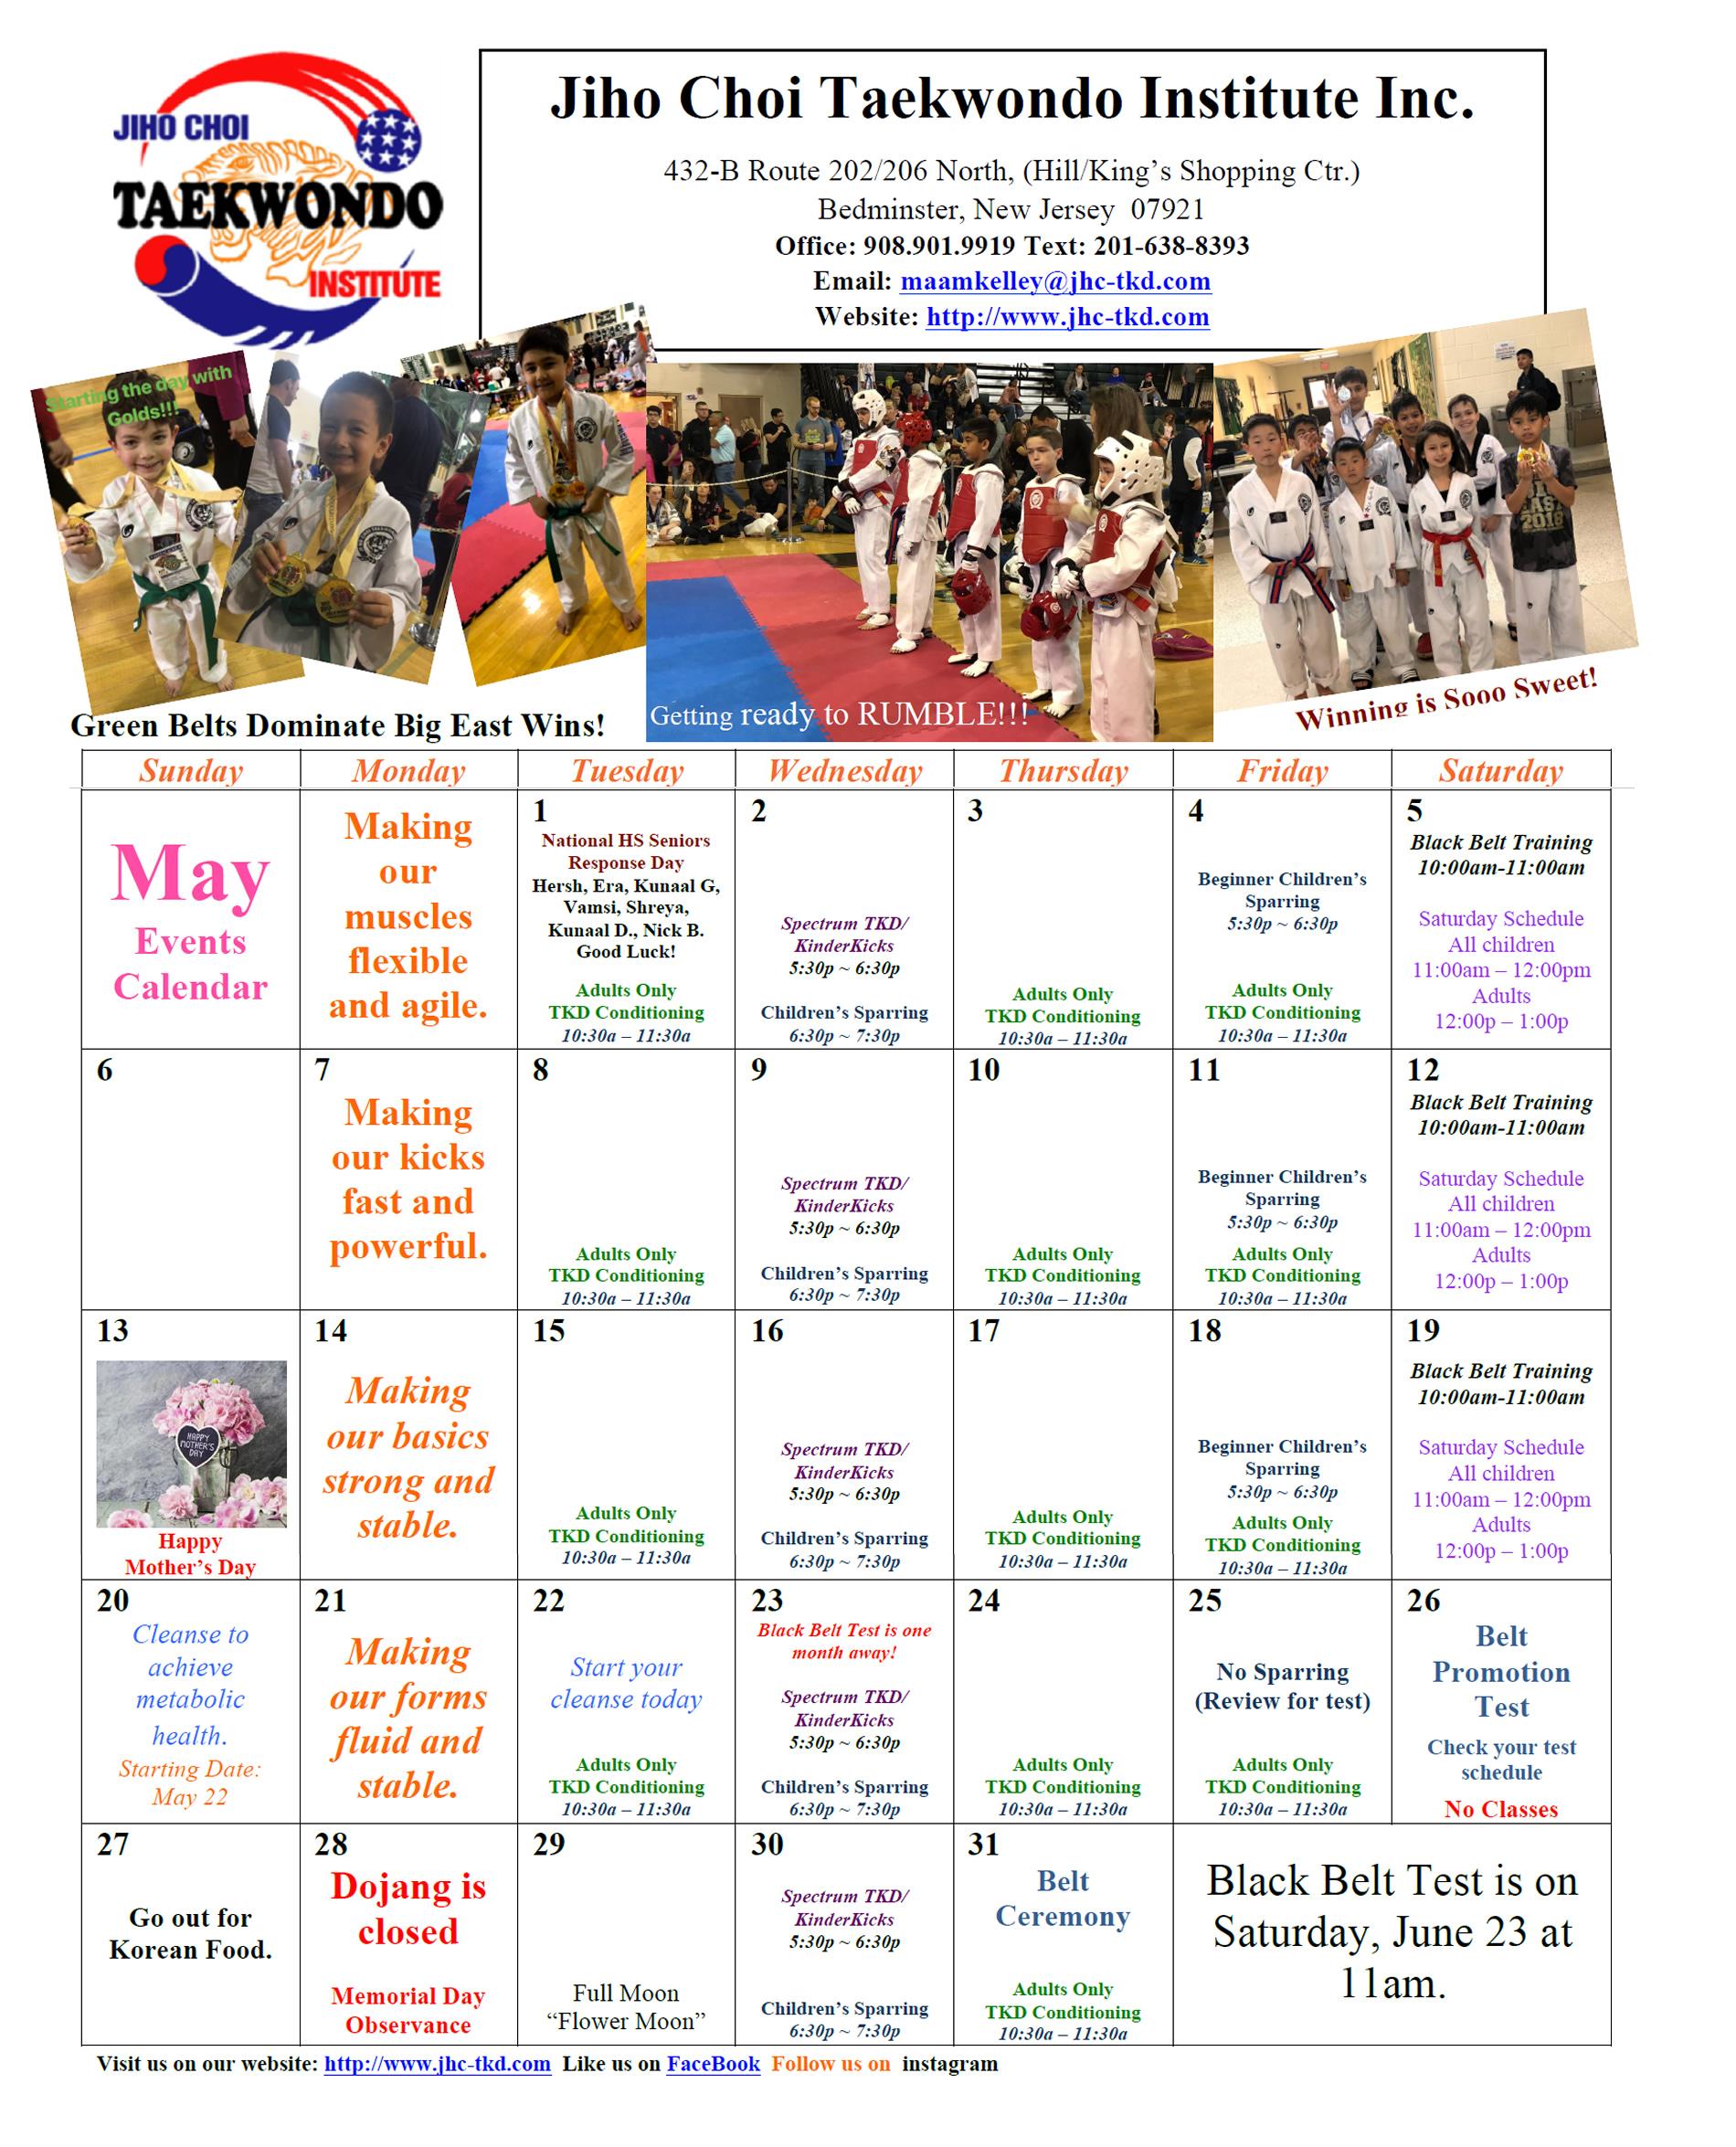 jhc-tkd-calendar-2018-may-fl